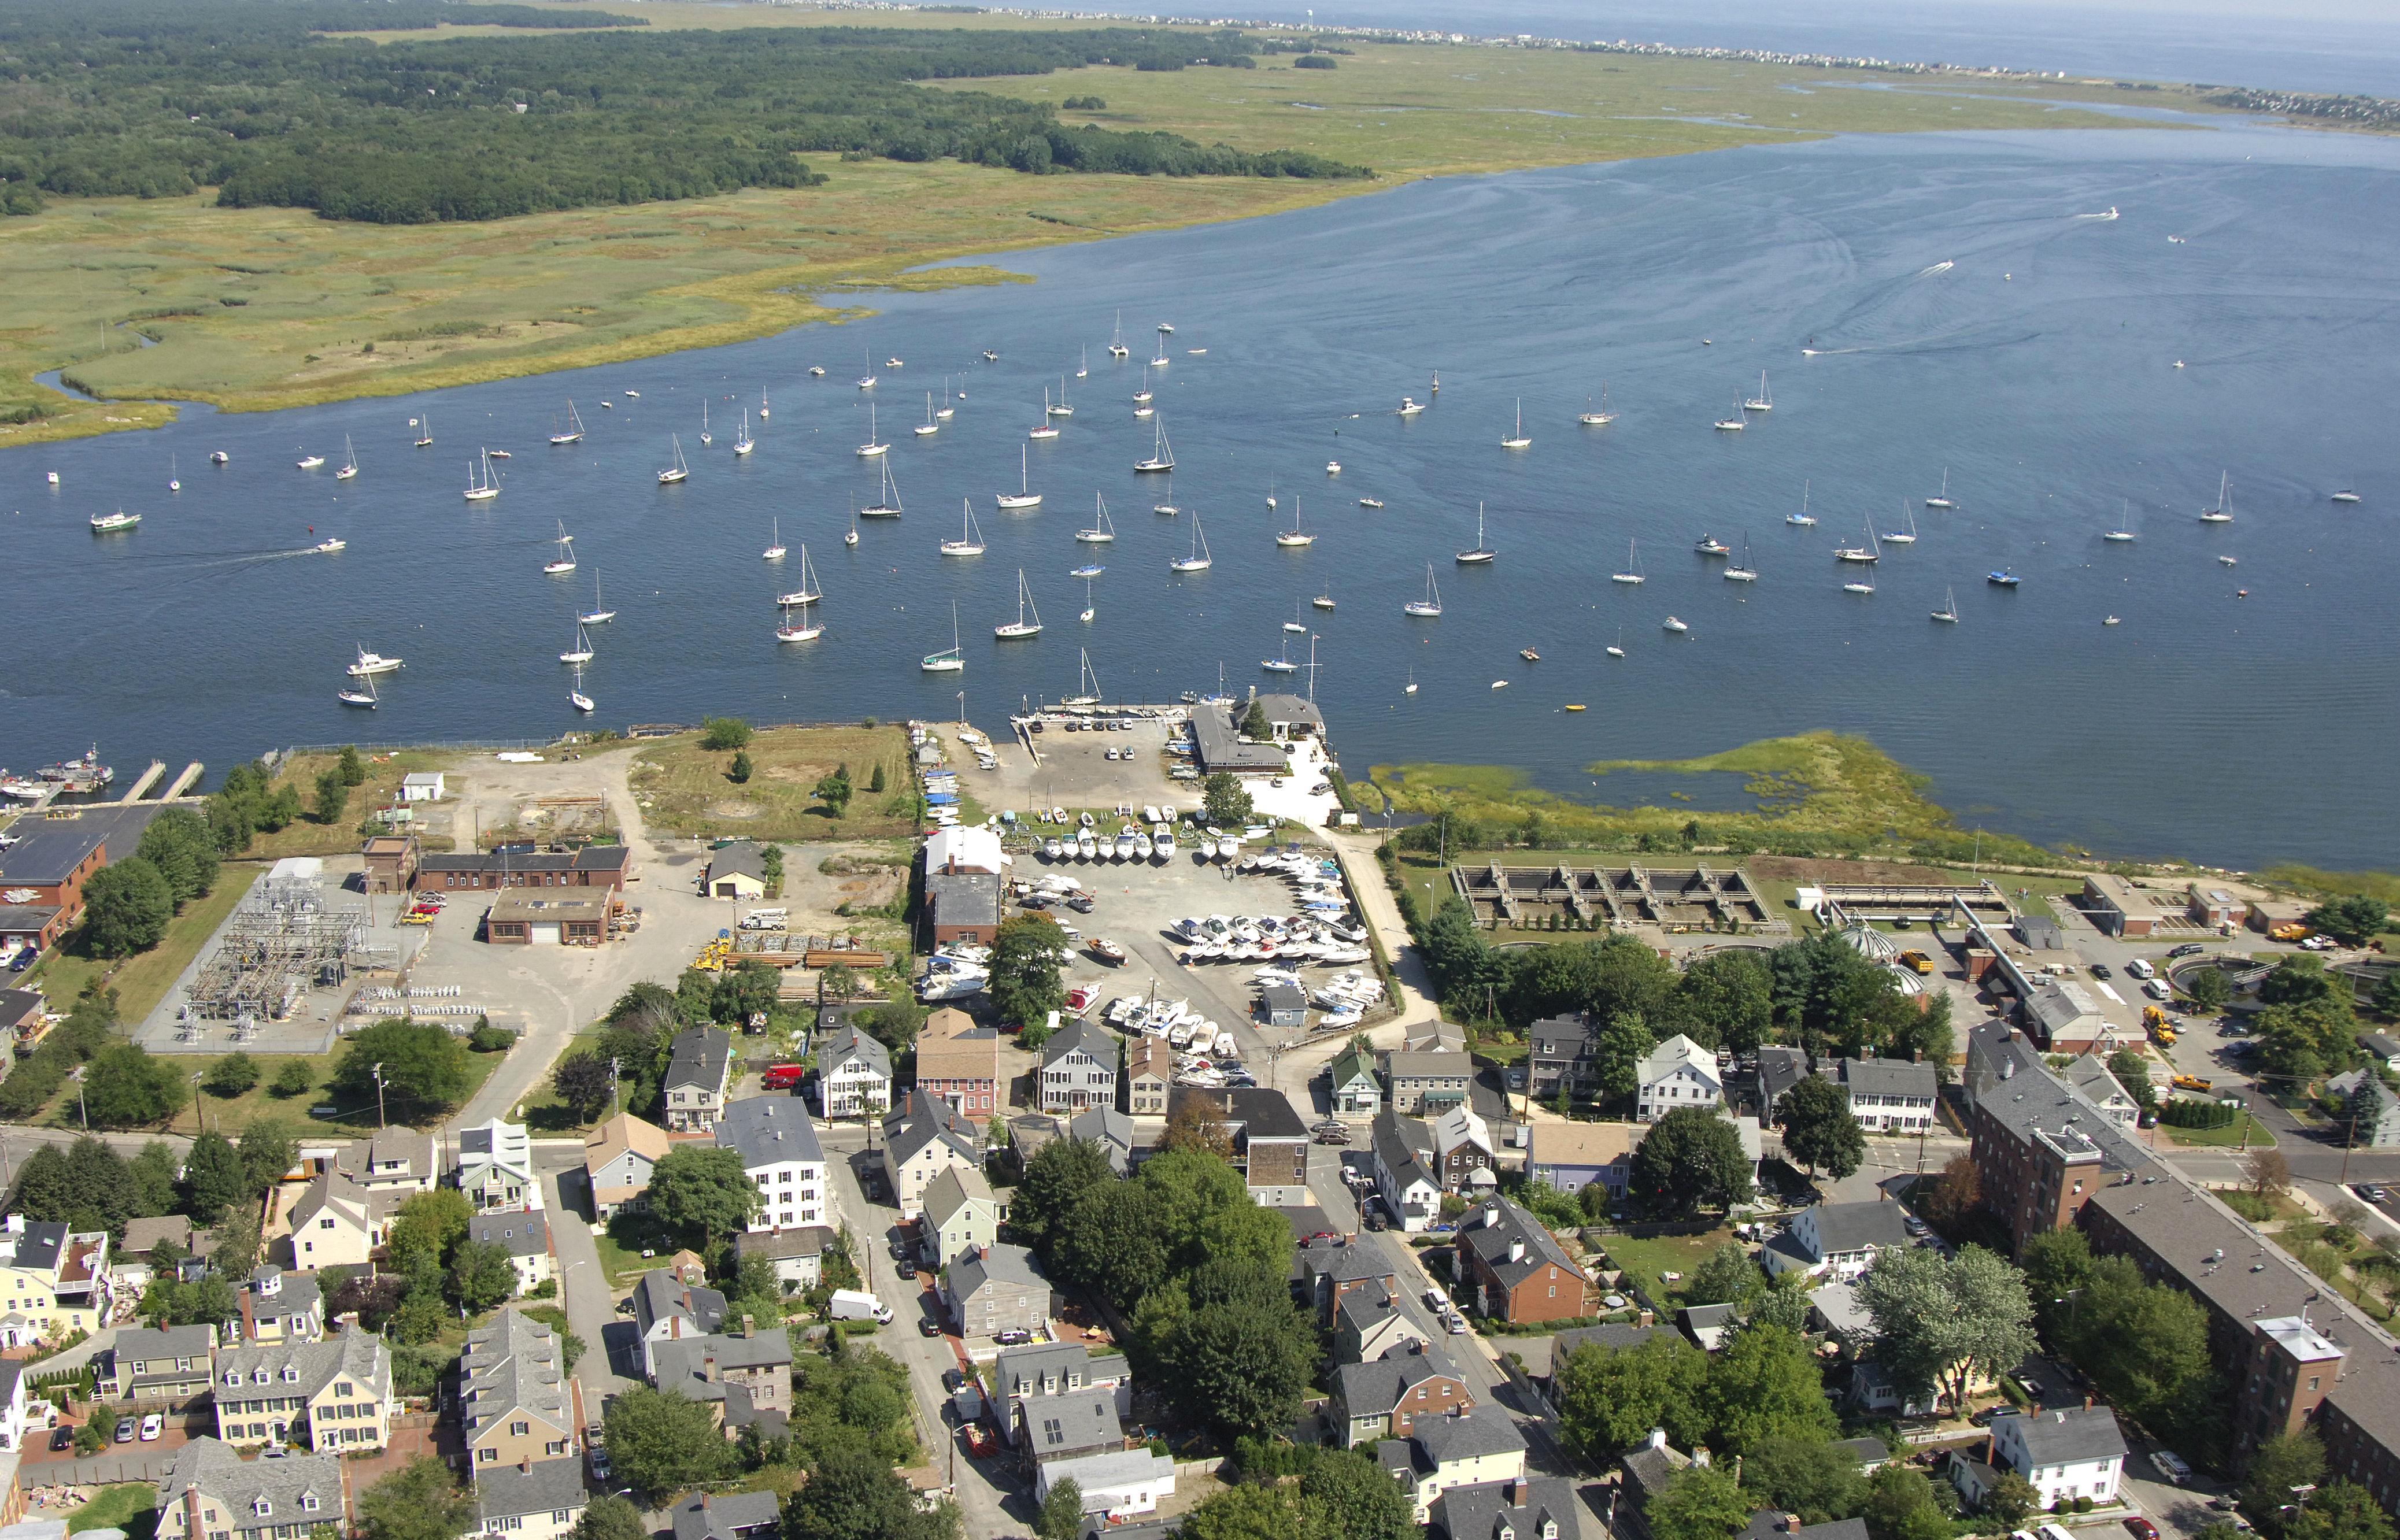 American Yacht Club in Newburyport, MA, United States